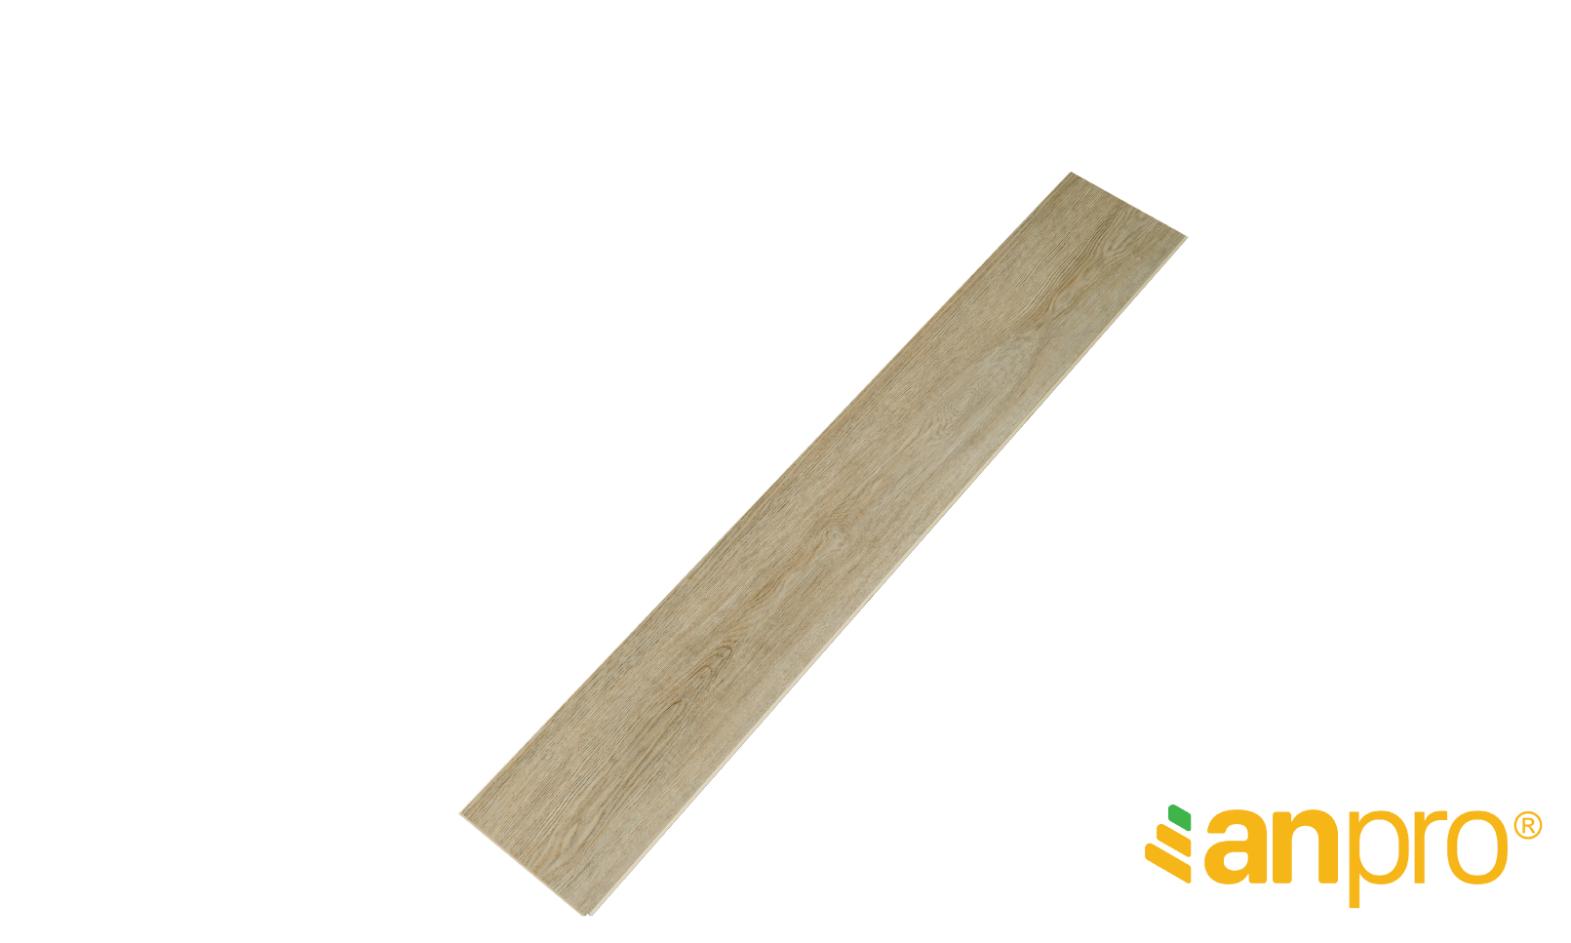 SA57 AnPro 01 - Sàn AnPro vân gỗ SA57